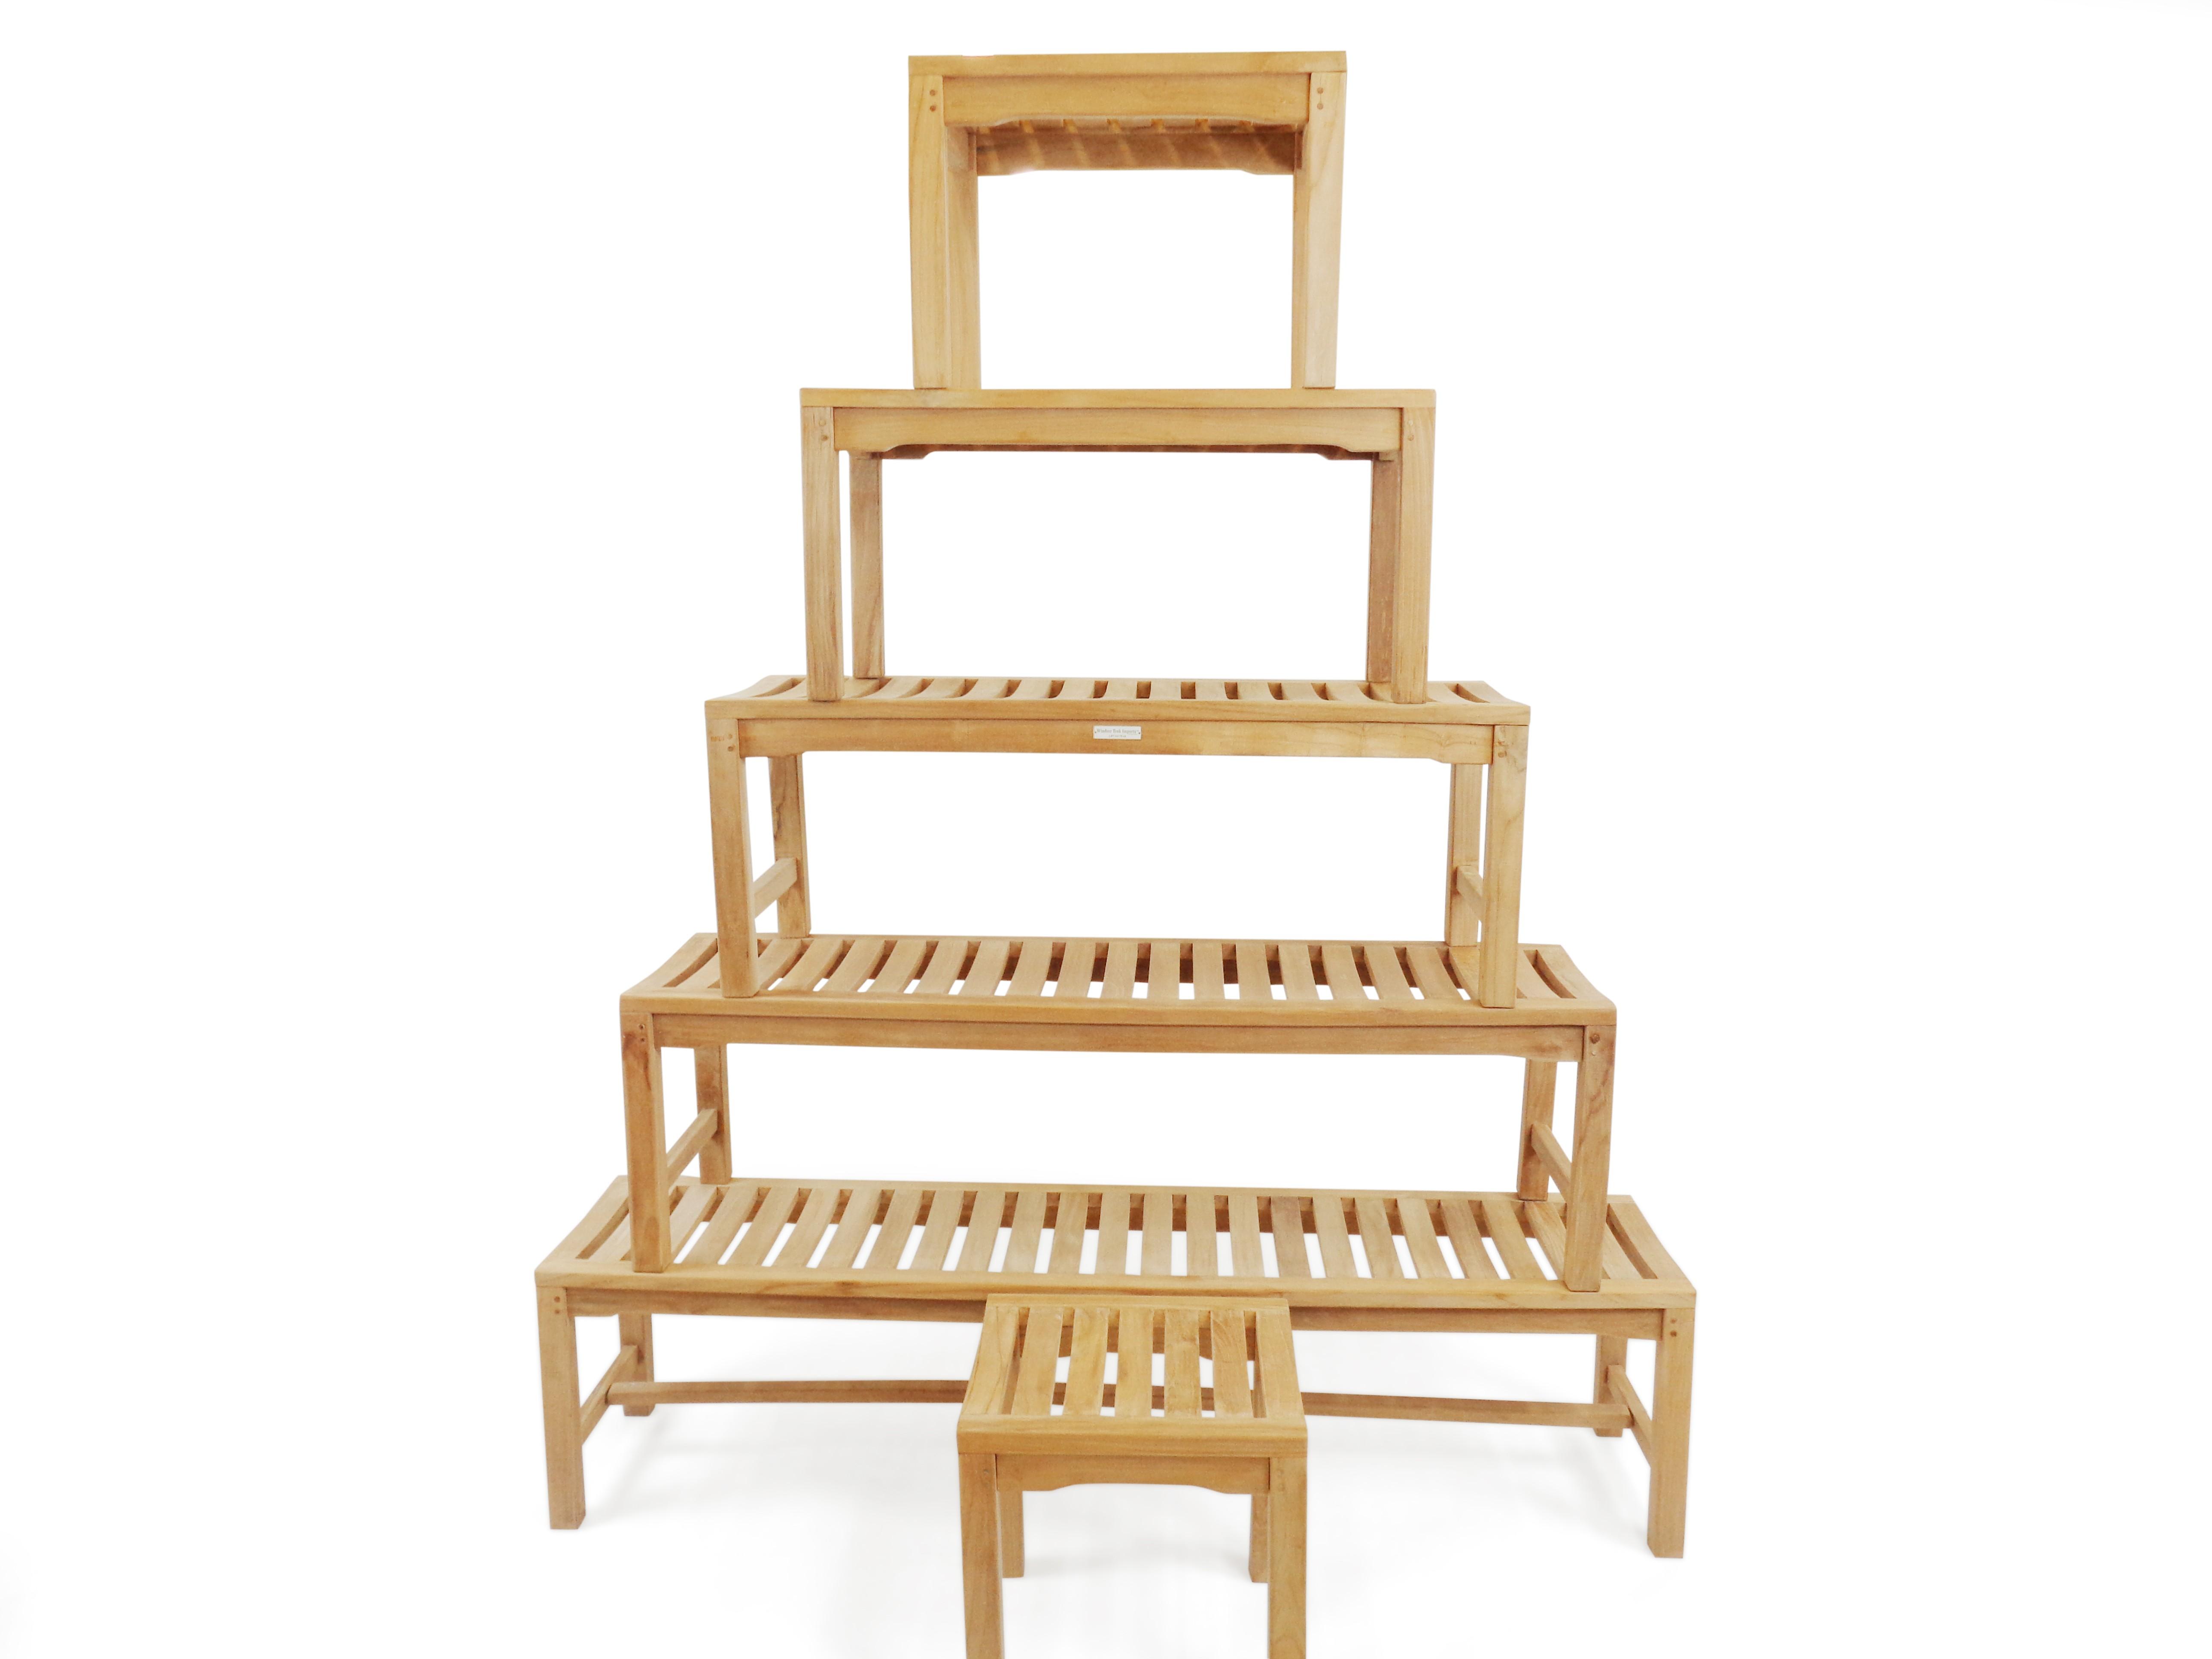 Windsor Teak Backless Bench